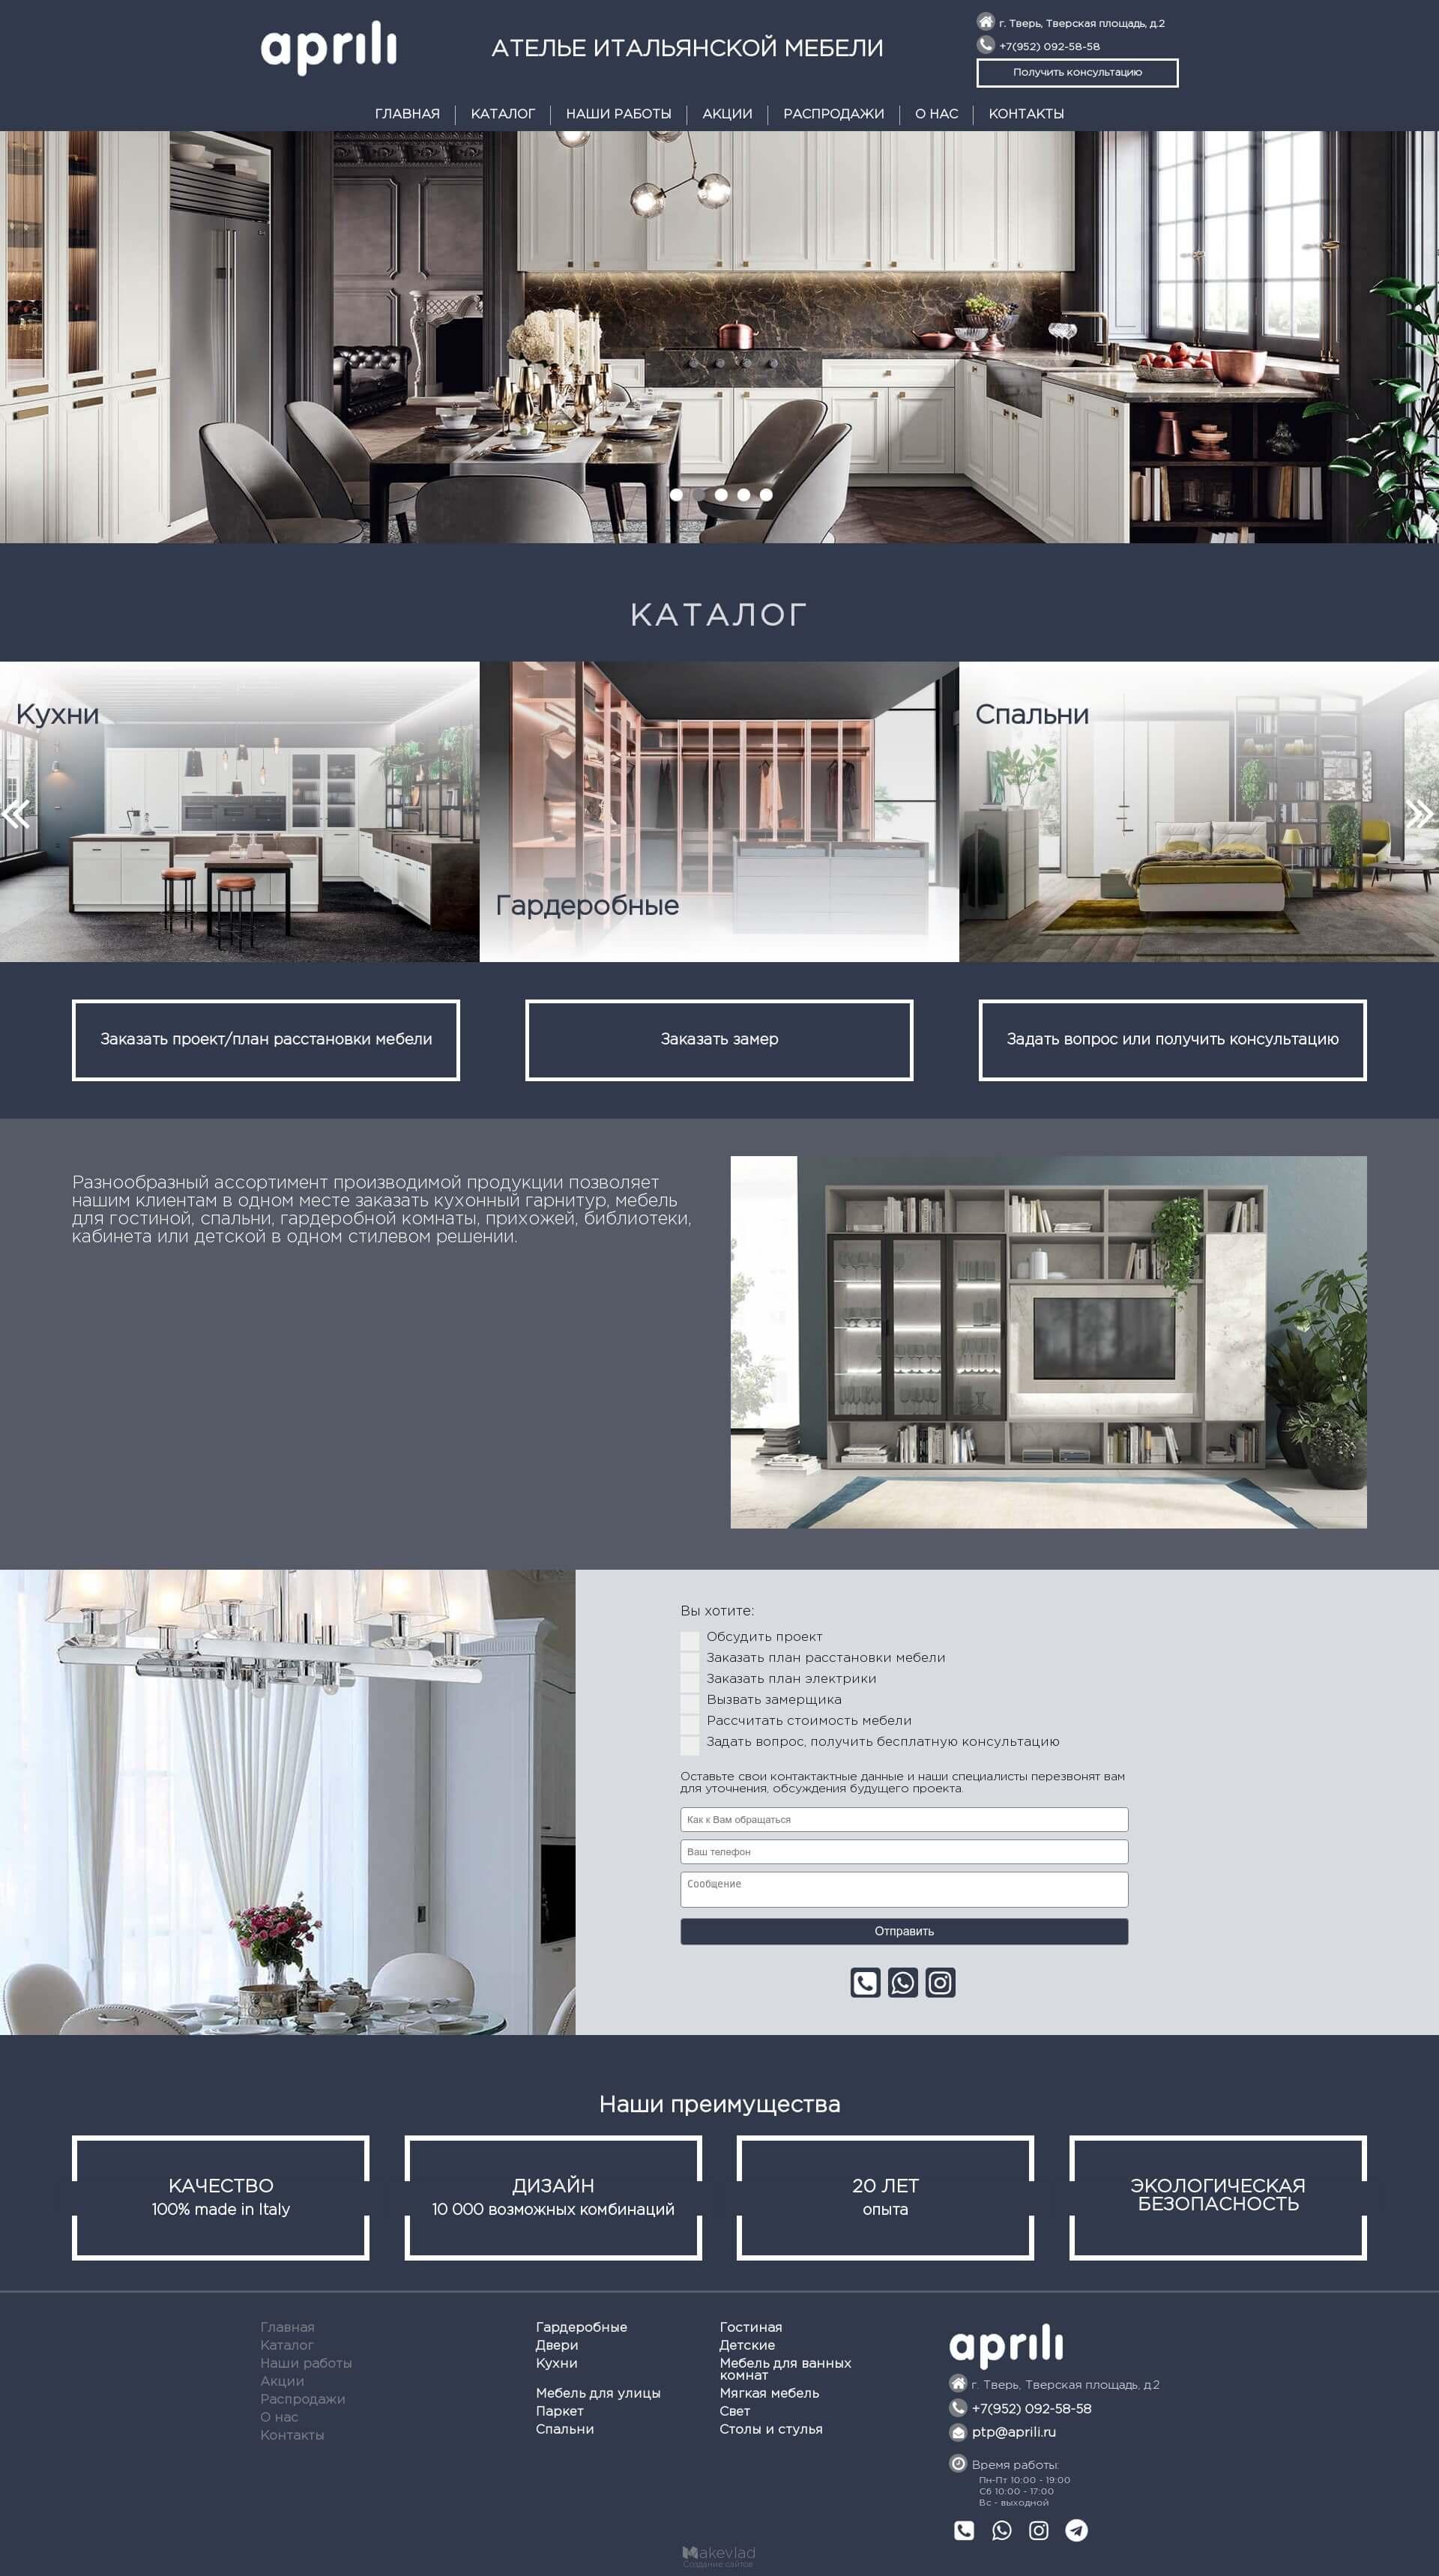 Скриншот №1 страницы сайта во весь экран. Сайт для итальянской мебели